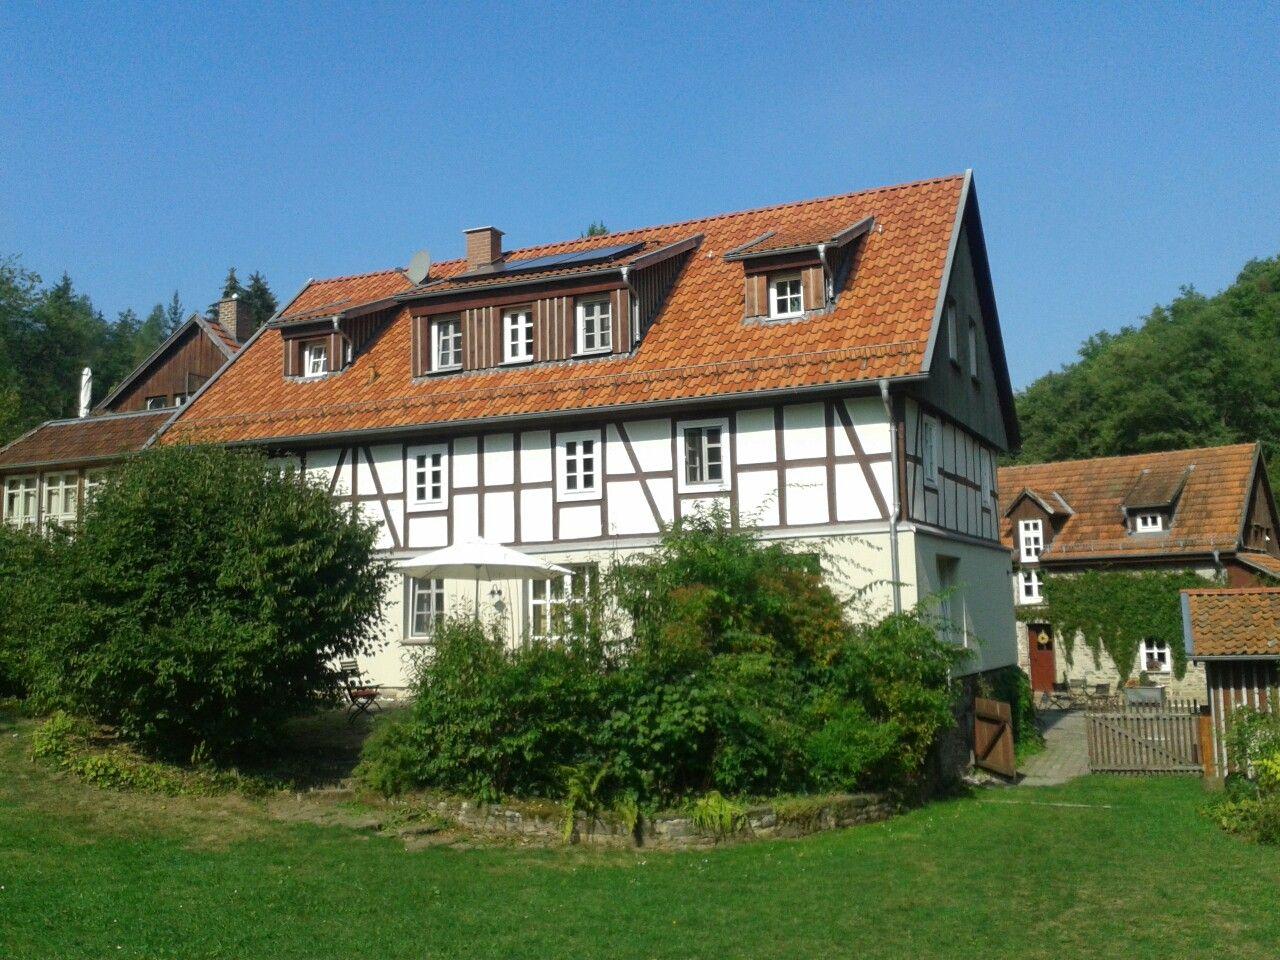 Bärenmühle am Hugenotten- und Waldenserpfad  #hessentourismus #hugenottenwaldenserpfad #culturalroutes #expeditionhessen